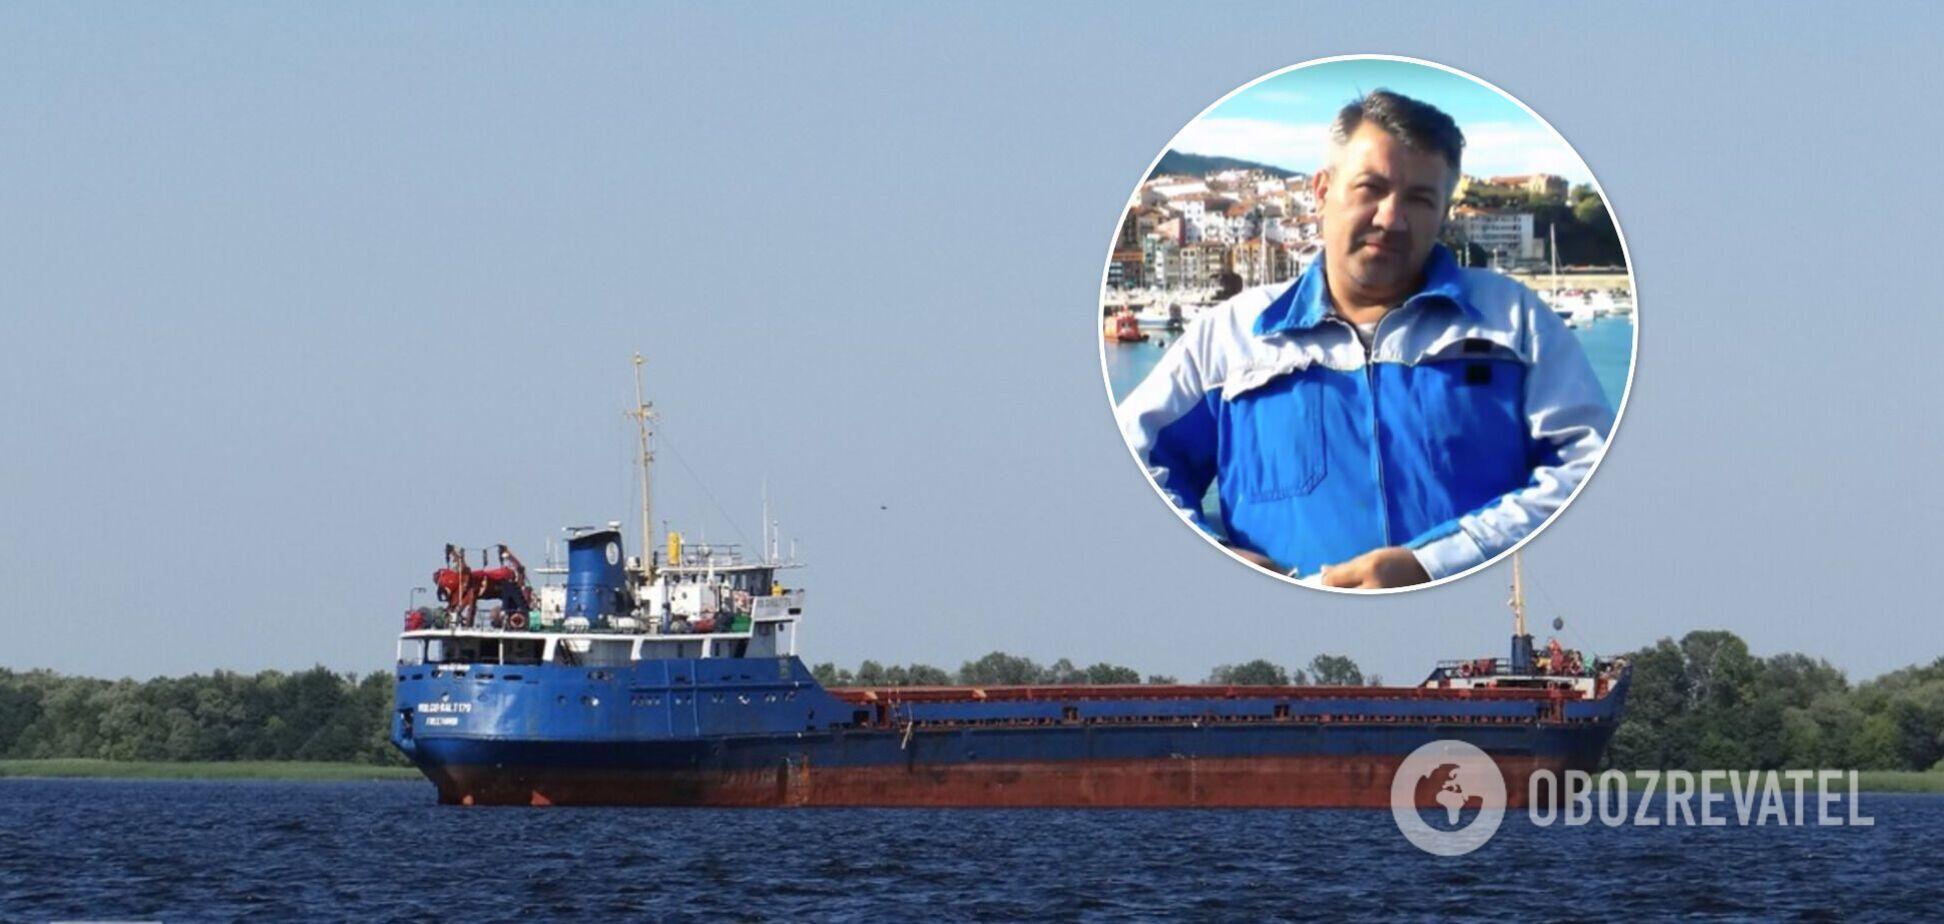 Пропавший украинский моряк РамзанБолотханов